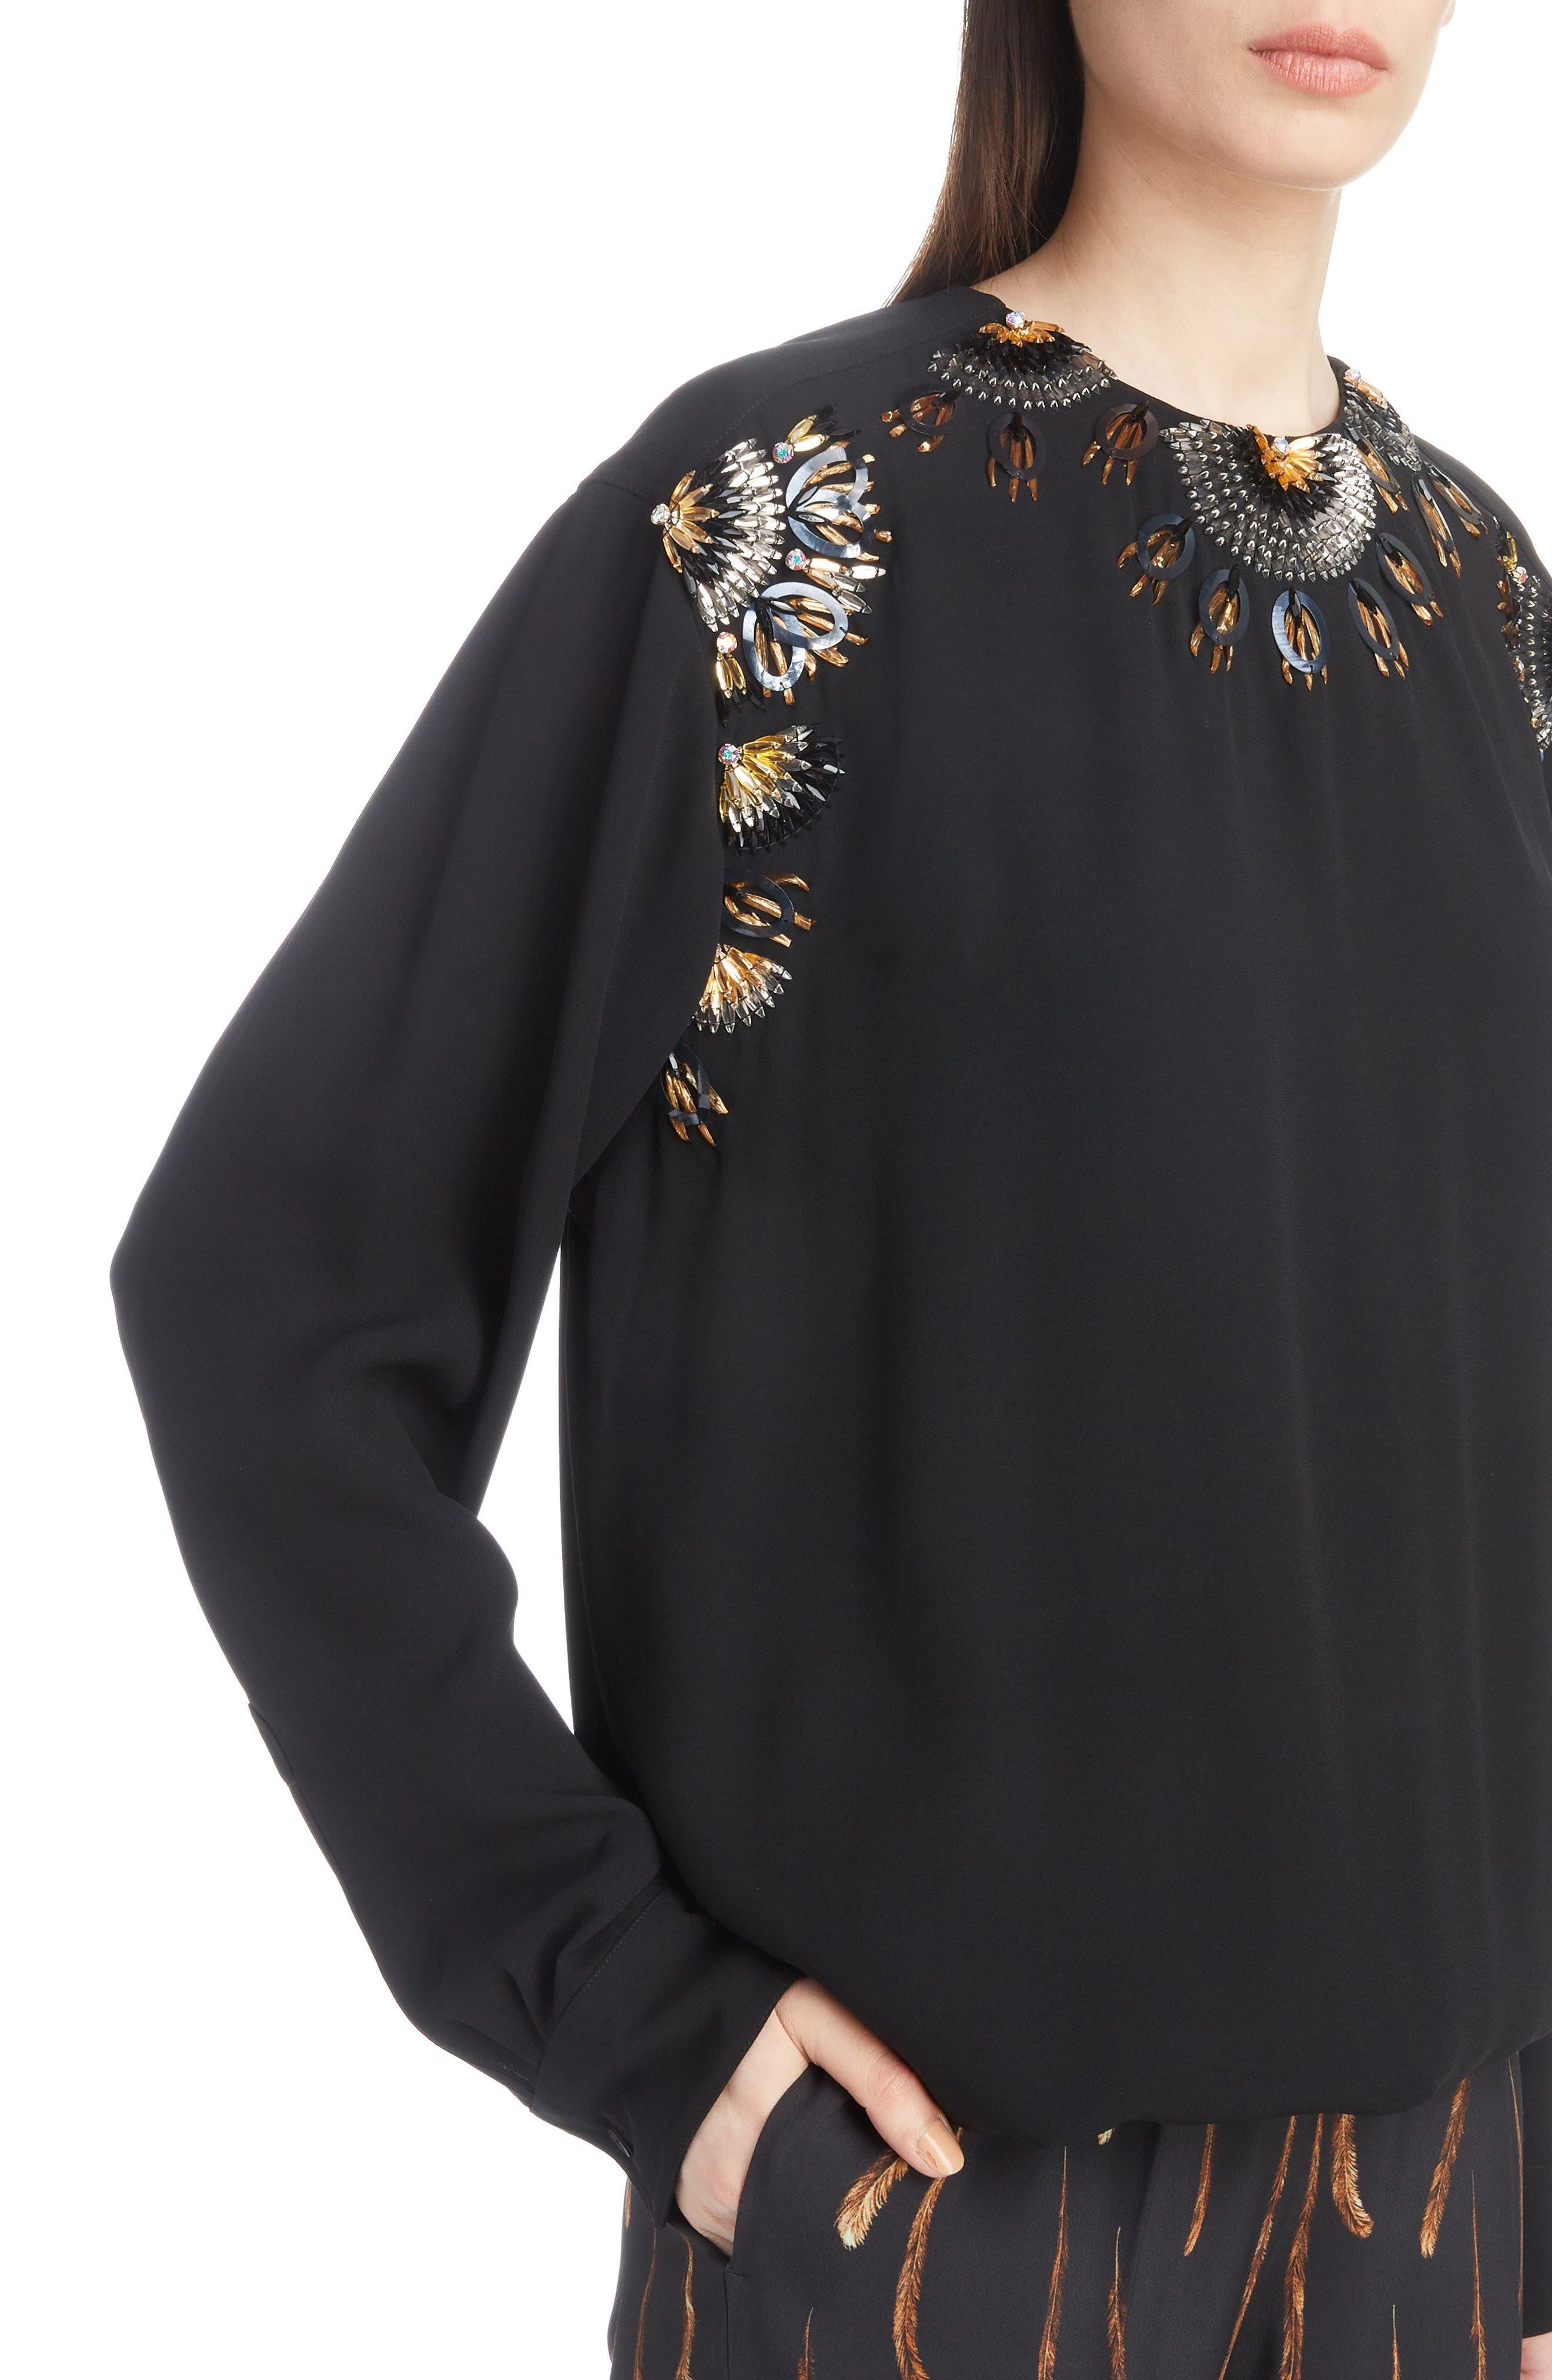 Starburst Embellished Blouse,                             Alternate thumbnail 4, color,                             BLACK